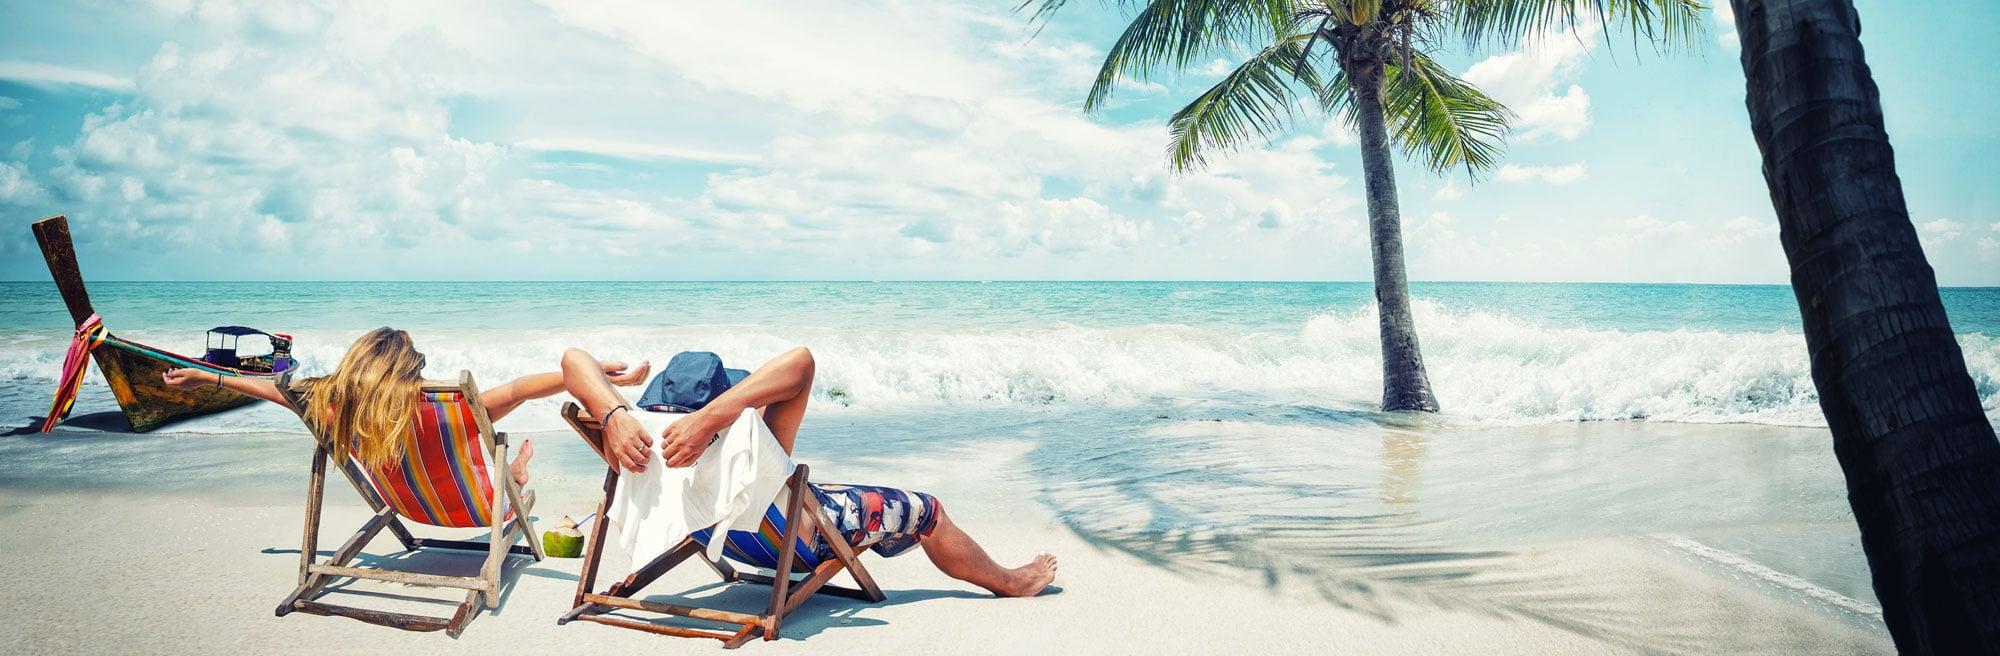 De leukste zeilreizen en vakanties